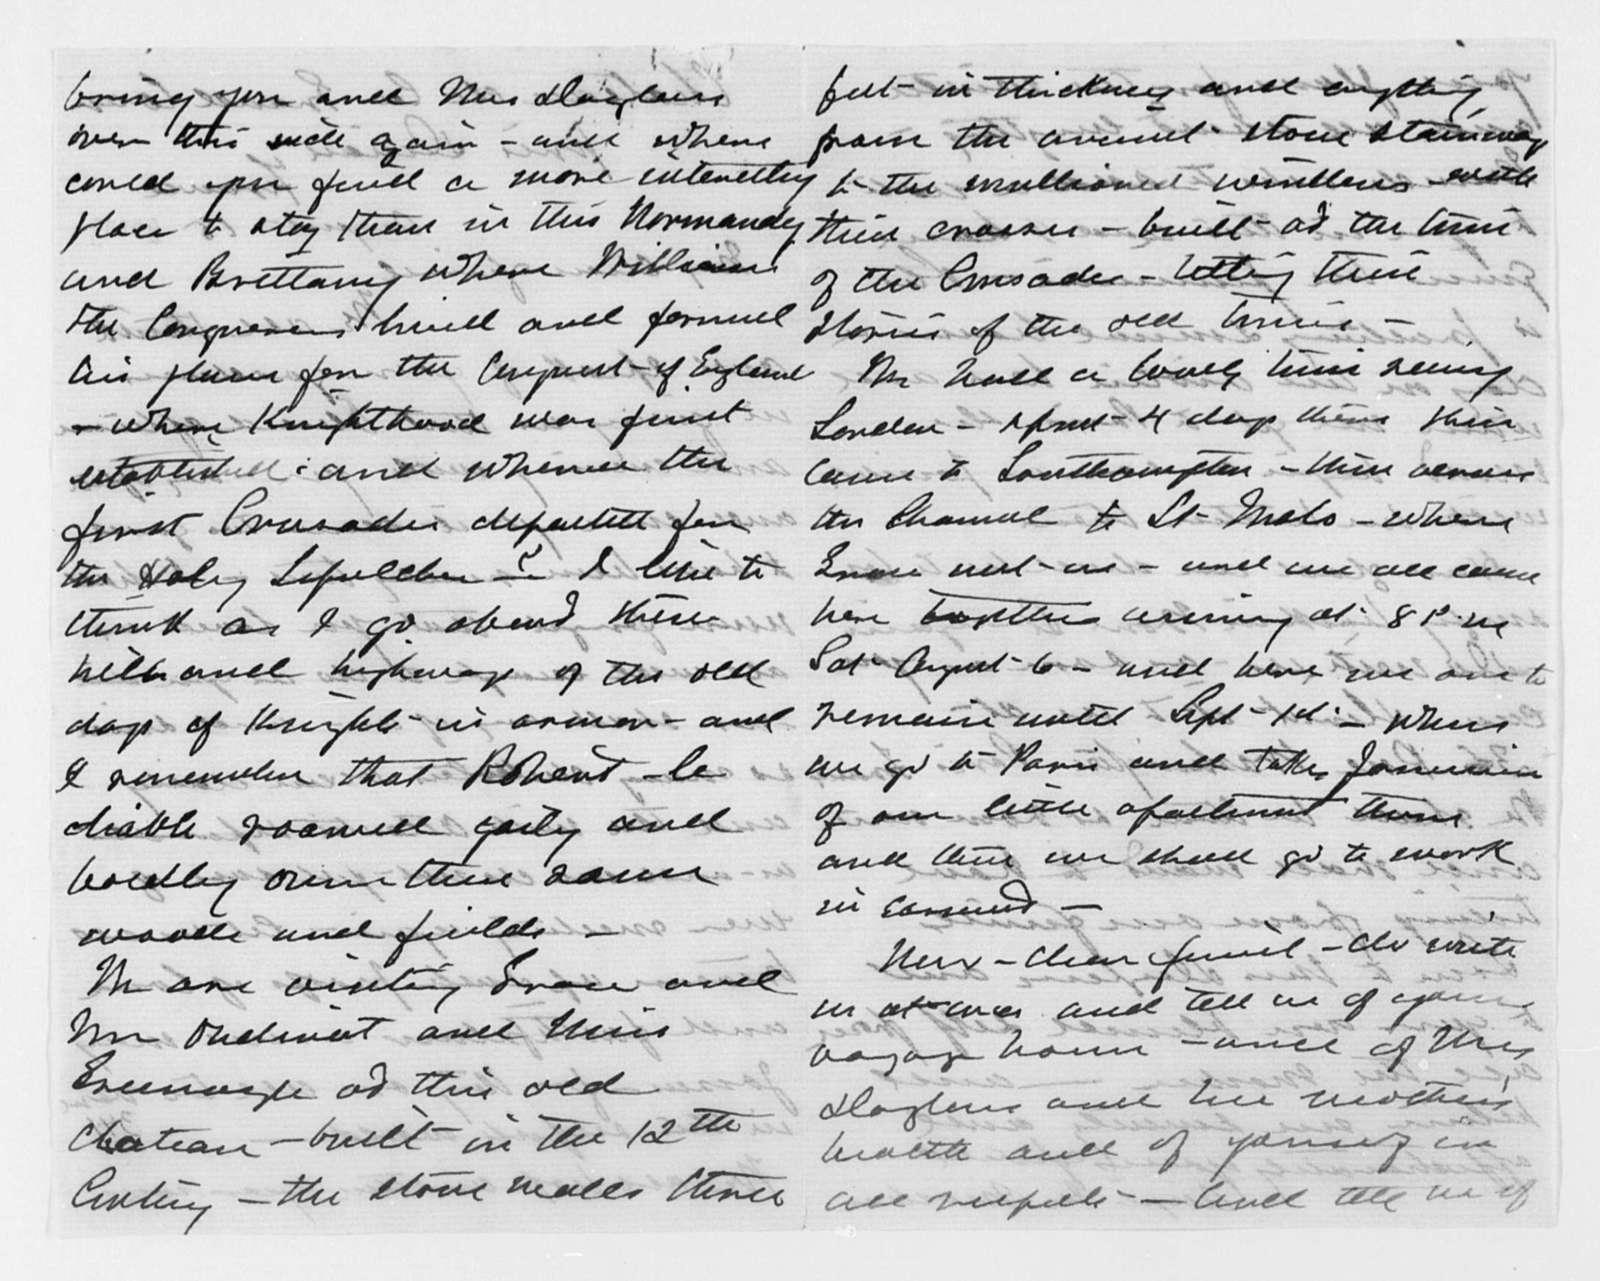 1887, Aug. - Dec. and Undated